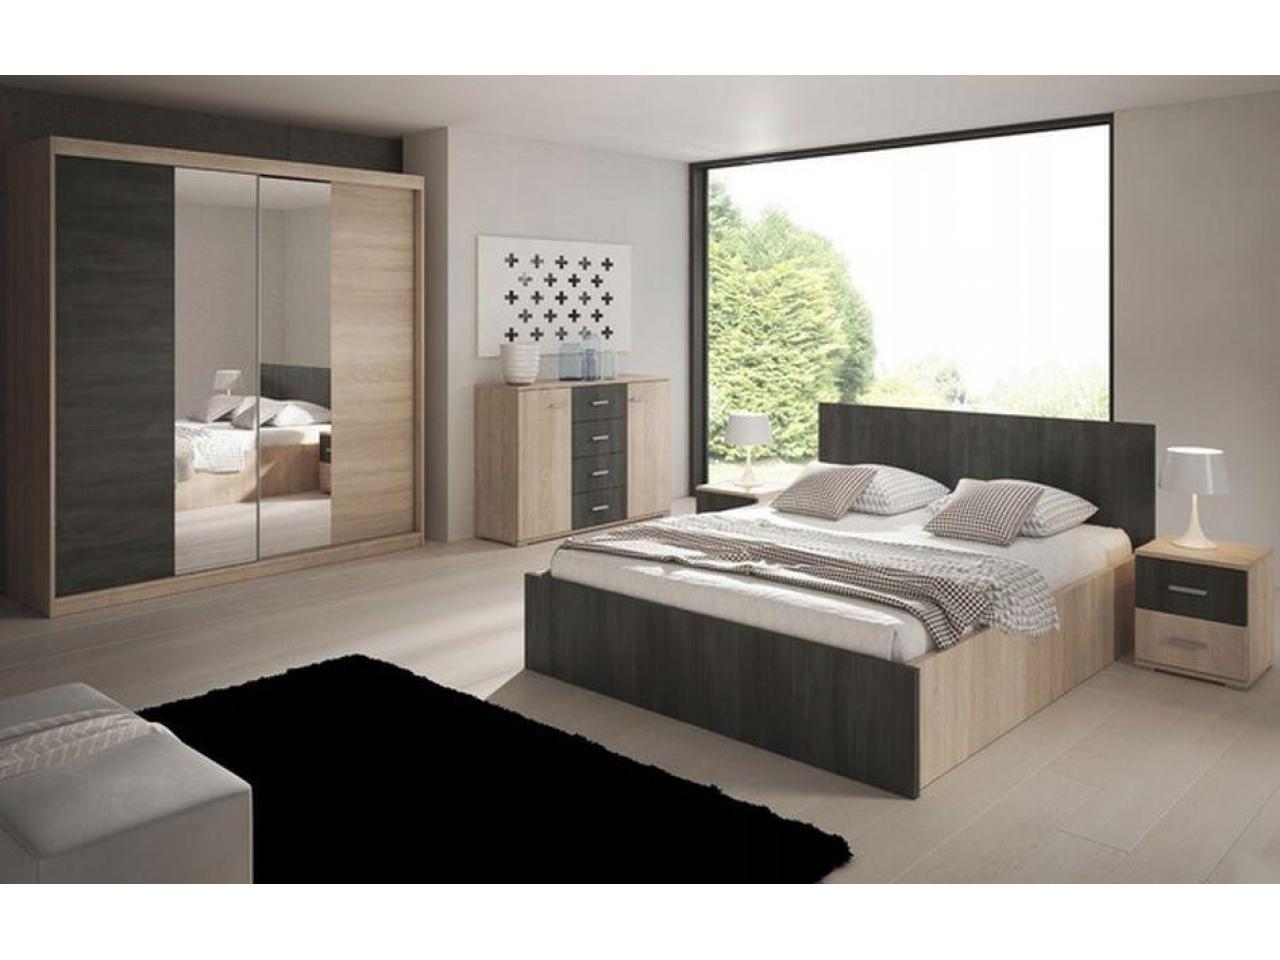 Furnipol -спальни по доступным ценам - 11